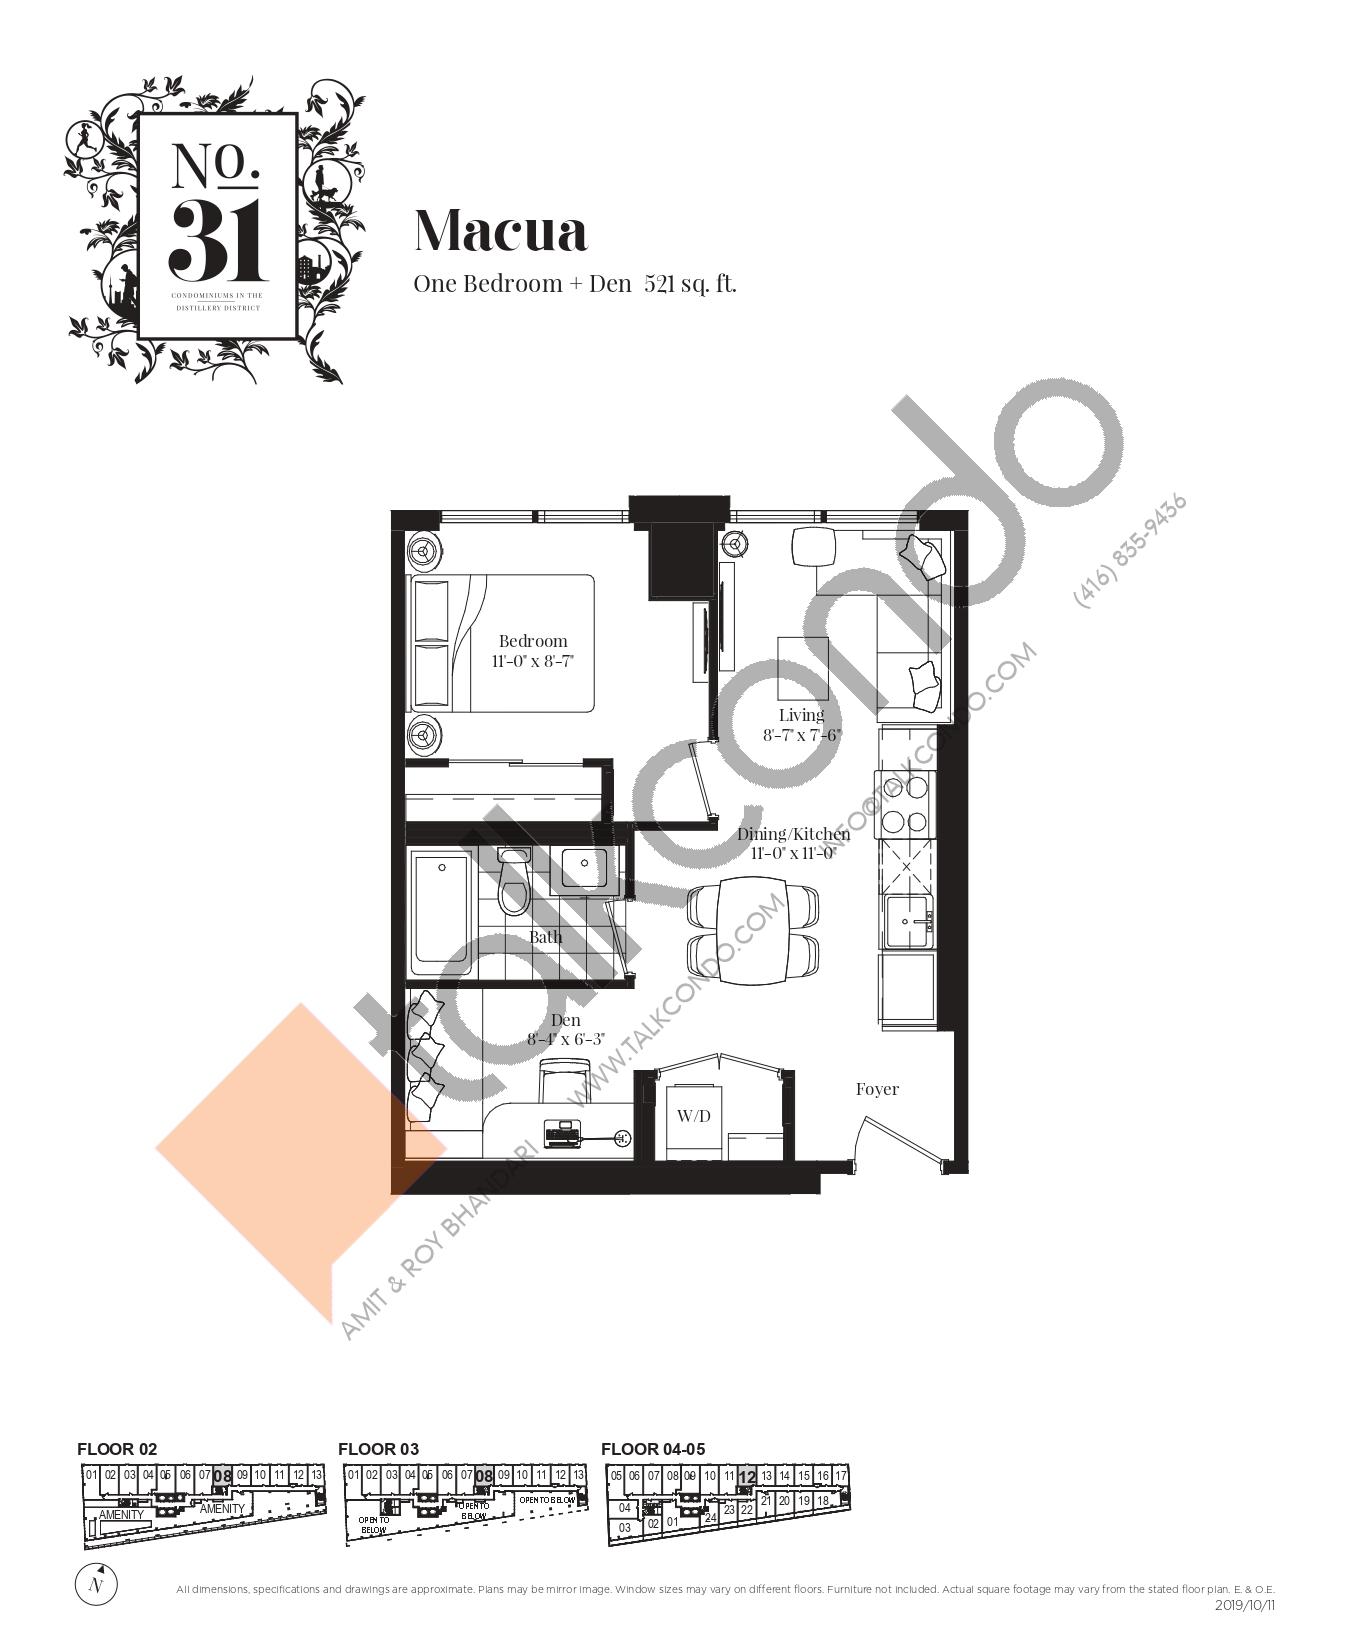 Macua Floor Plan at No. 31 Condos - 521 sq.ft